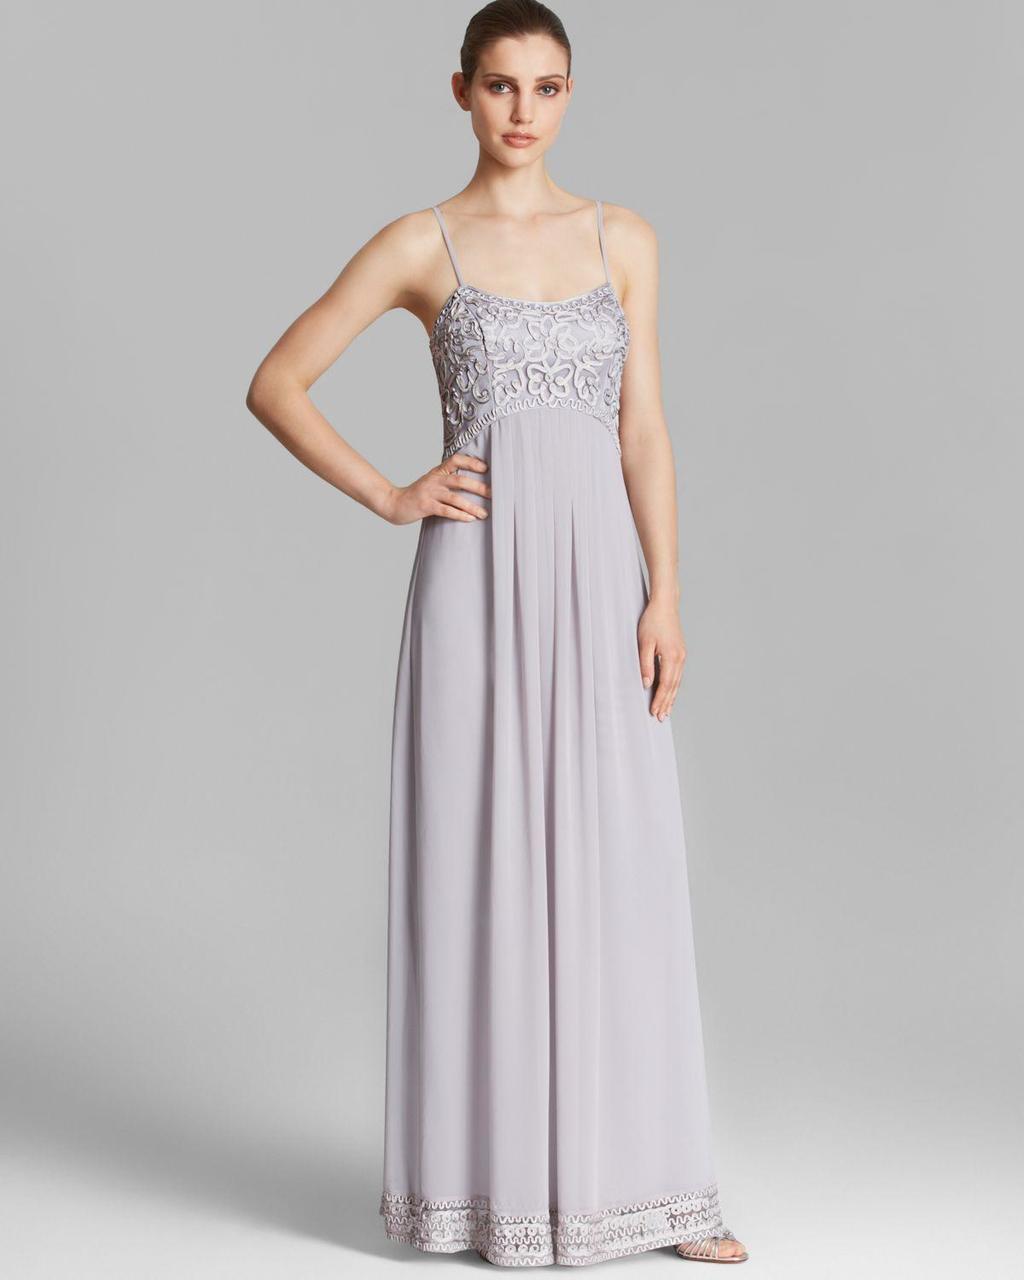 Sue Wong - Ribbon Chiffon A-Line Dress C4237